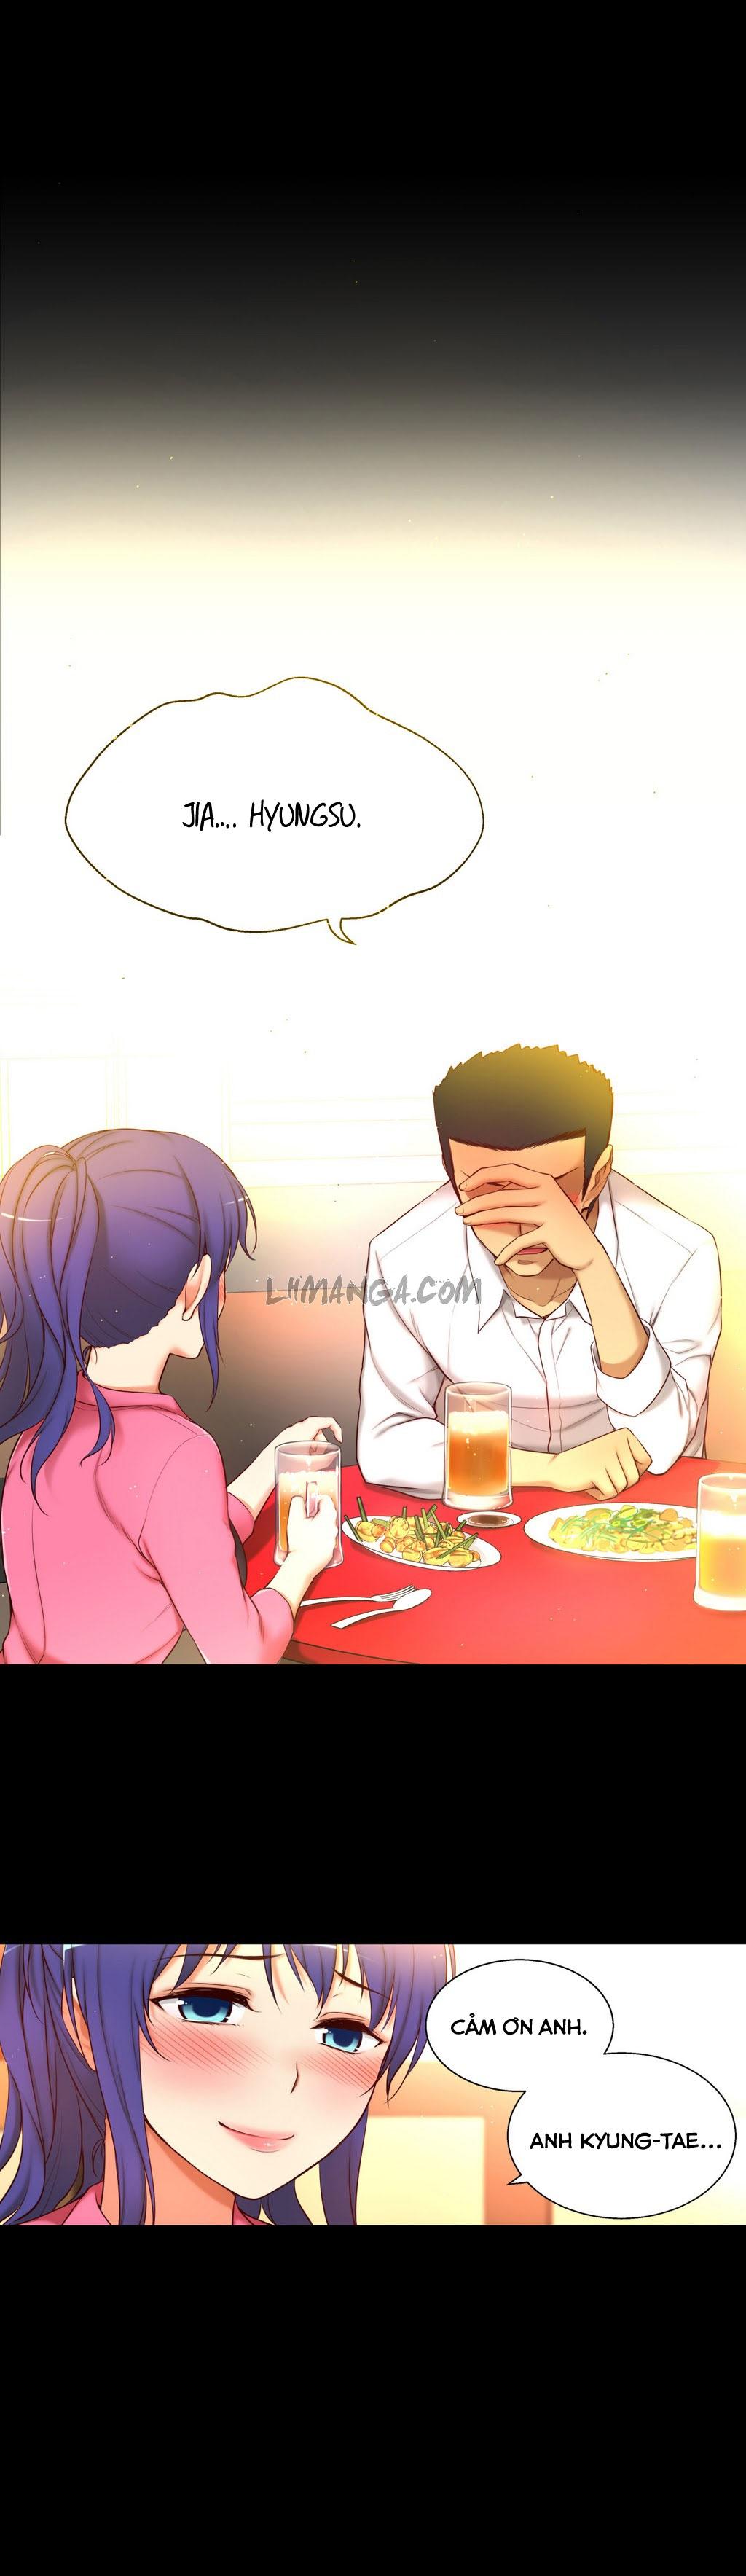 Hình ảnh HINH_00033 in [Siêu phẩm Hentai] Little Girl Full